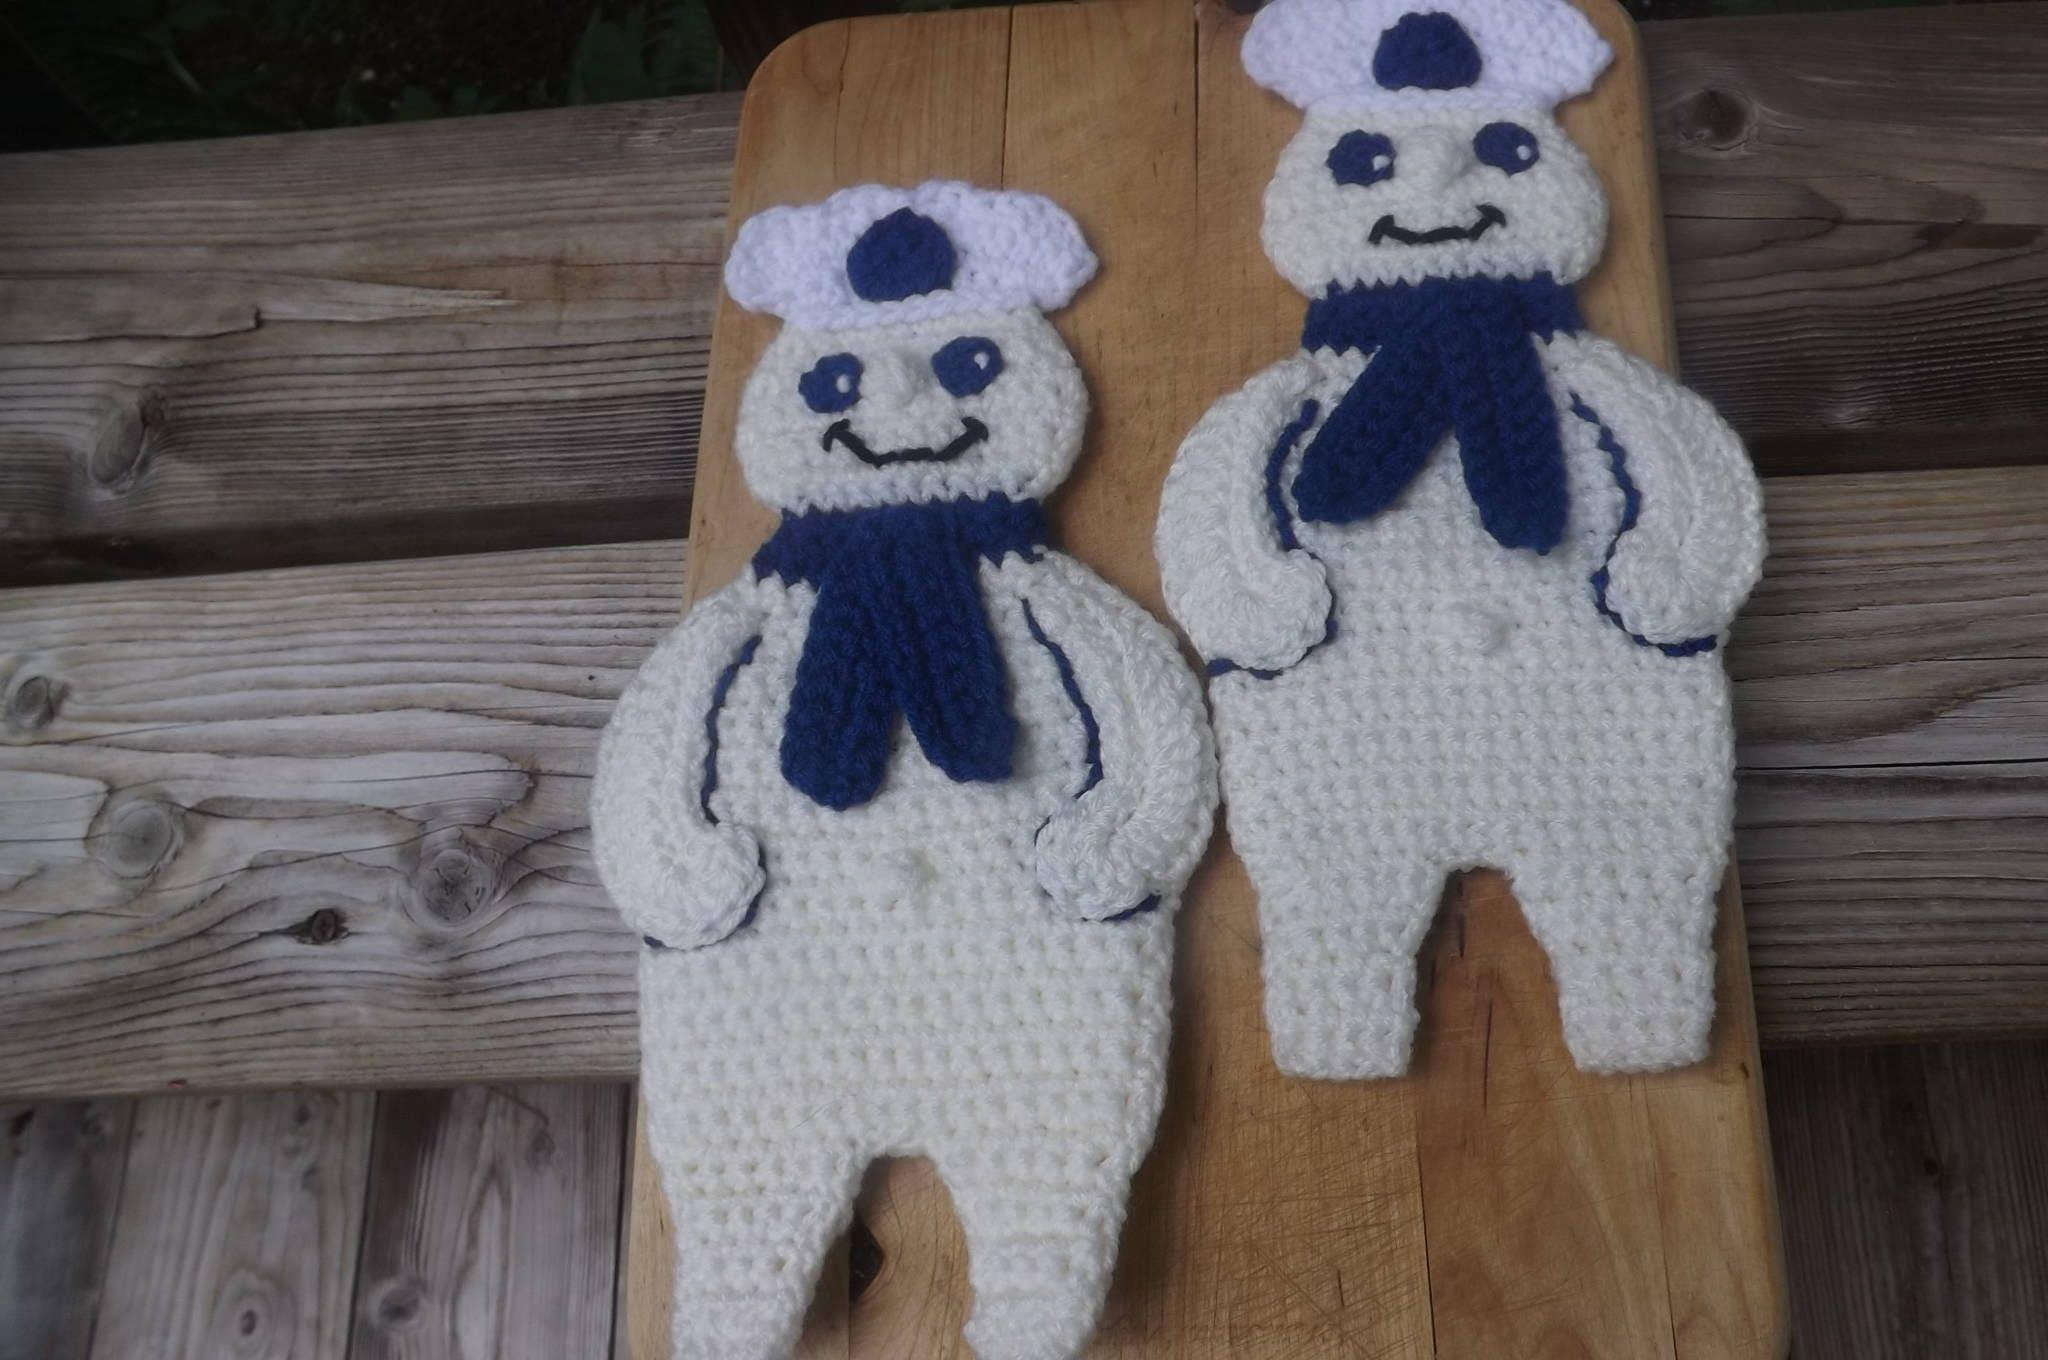 Pattern Onlydiy Crochet Pillsbury Dough Boy Potholdershot Etsy